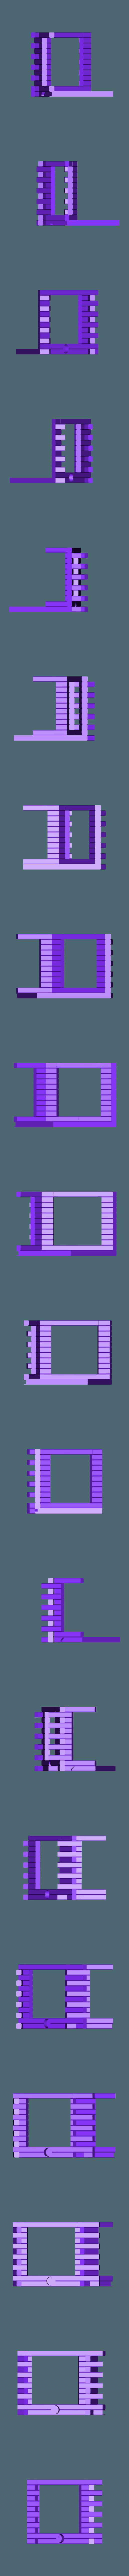 wals_part_1.stl Télécharger fichier STL gratuit Maison des oiseaux • Modèle pour imprimante 3D, poblocki1982